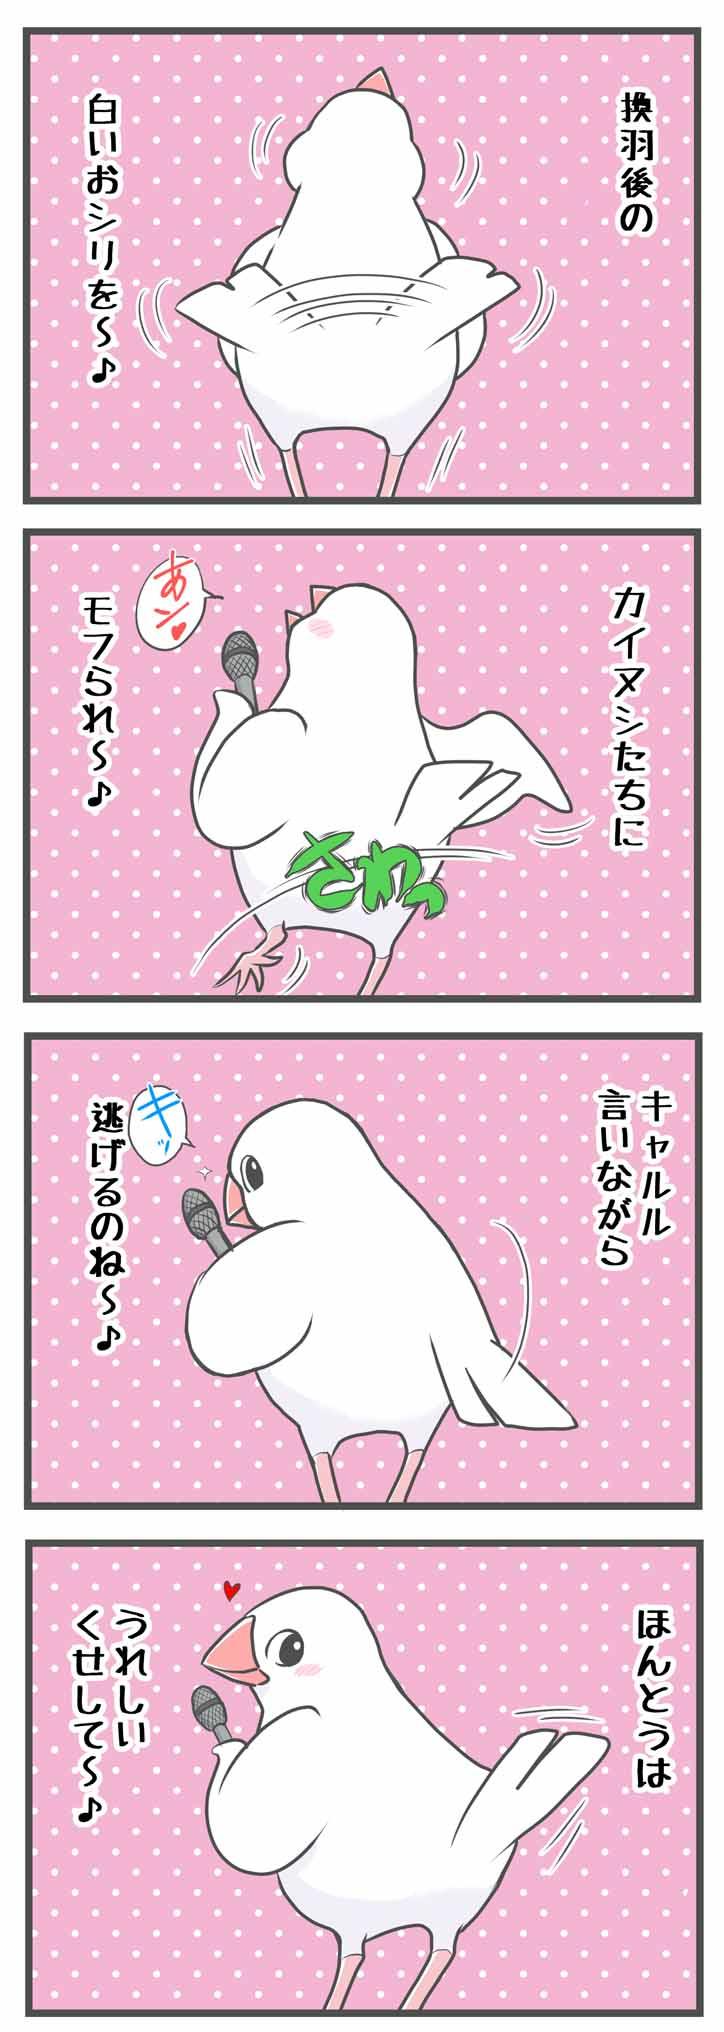 文鳥 buncho かわいい ひな 成鳥 birb